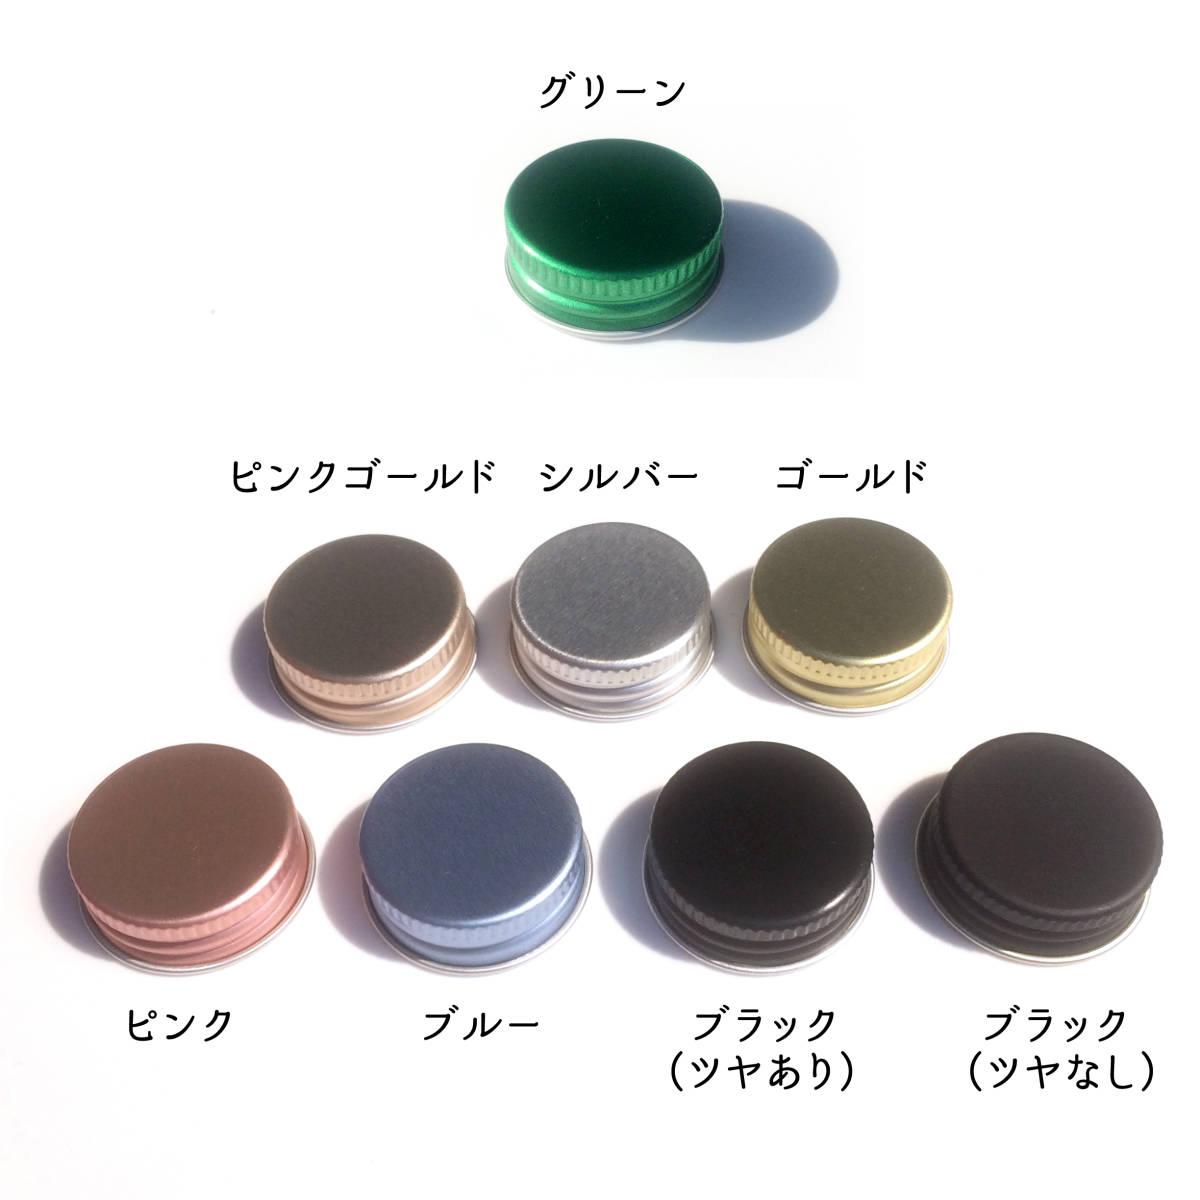 ハーバリウム瓶 ウィスキー200ml 3本 ♪♪_画像5